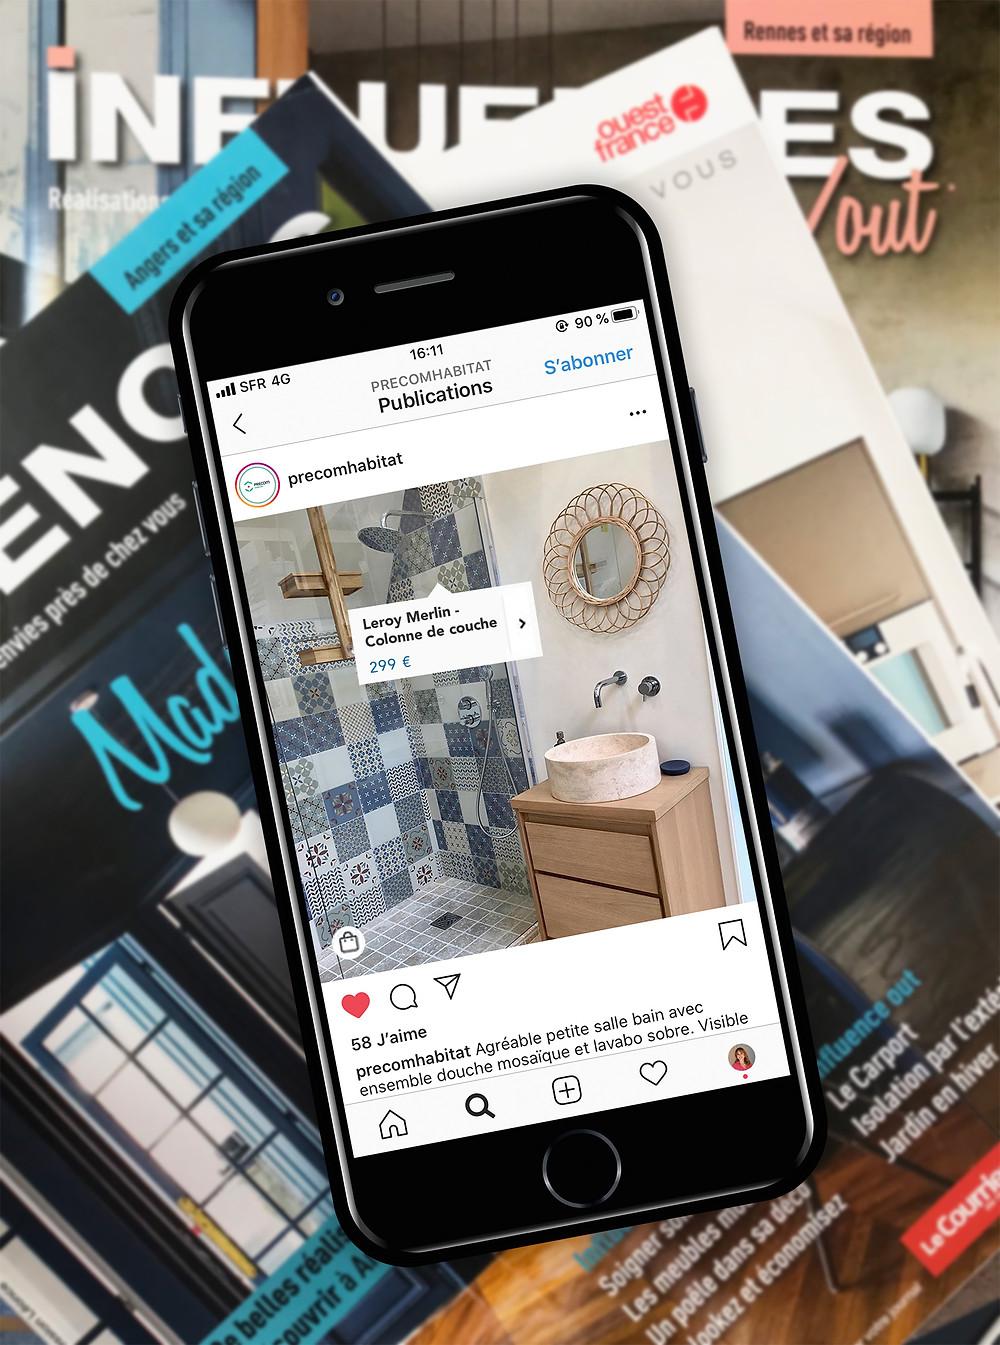 Comment communique un cuisiniste, un architecte d'intérieur, un menuisier, un professionnel de l'habitat. Stratégie de communication et marketing réseaux sociaux Instagram, Facebook, Pinterest. Gagner de l'argent avec Instagram, vendre sur Instagram